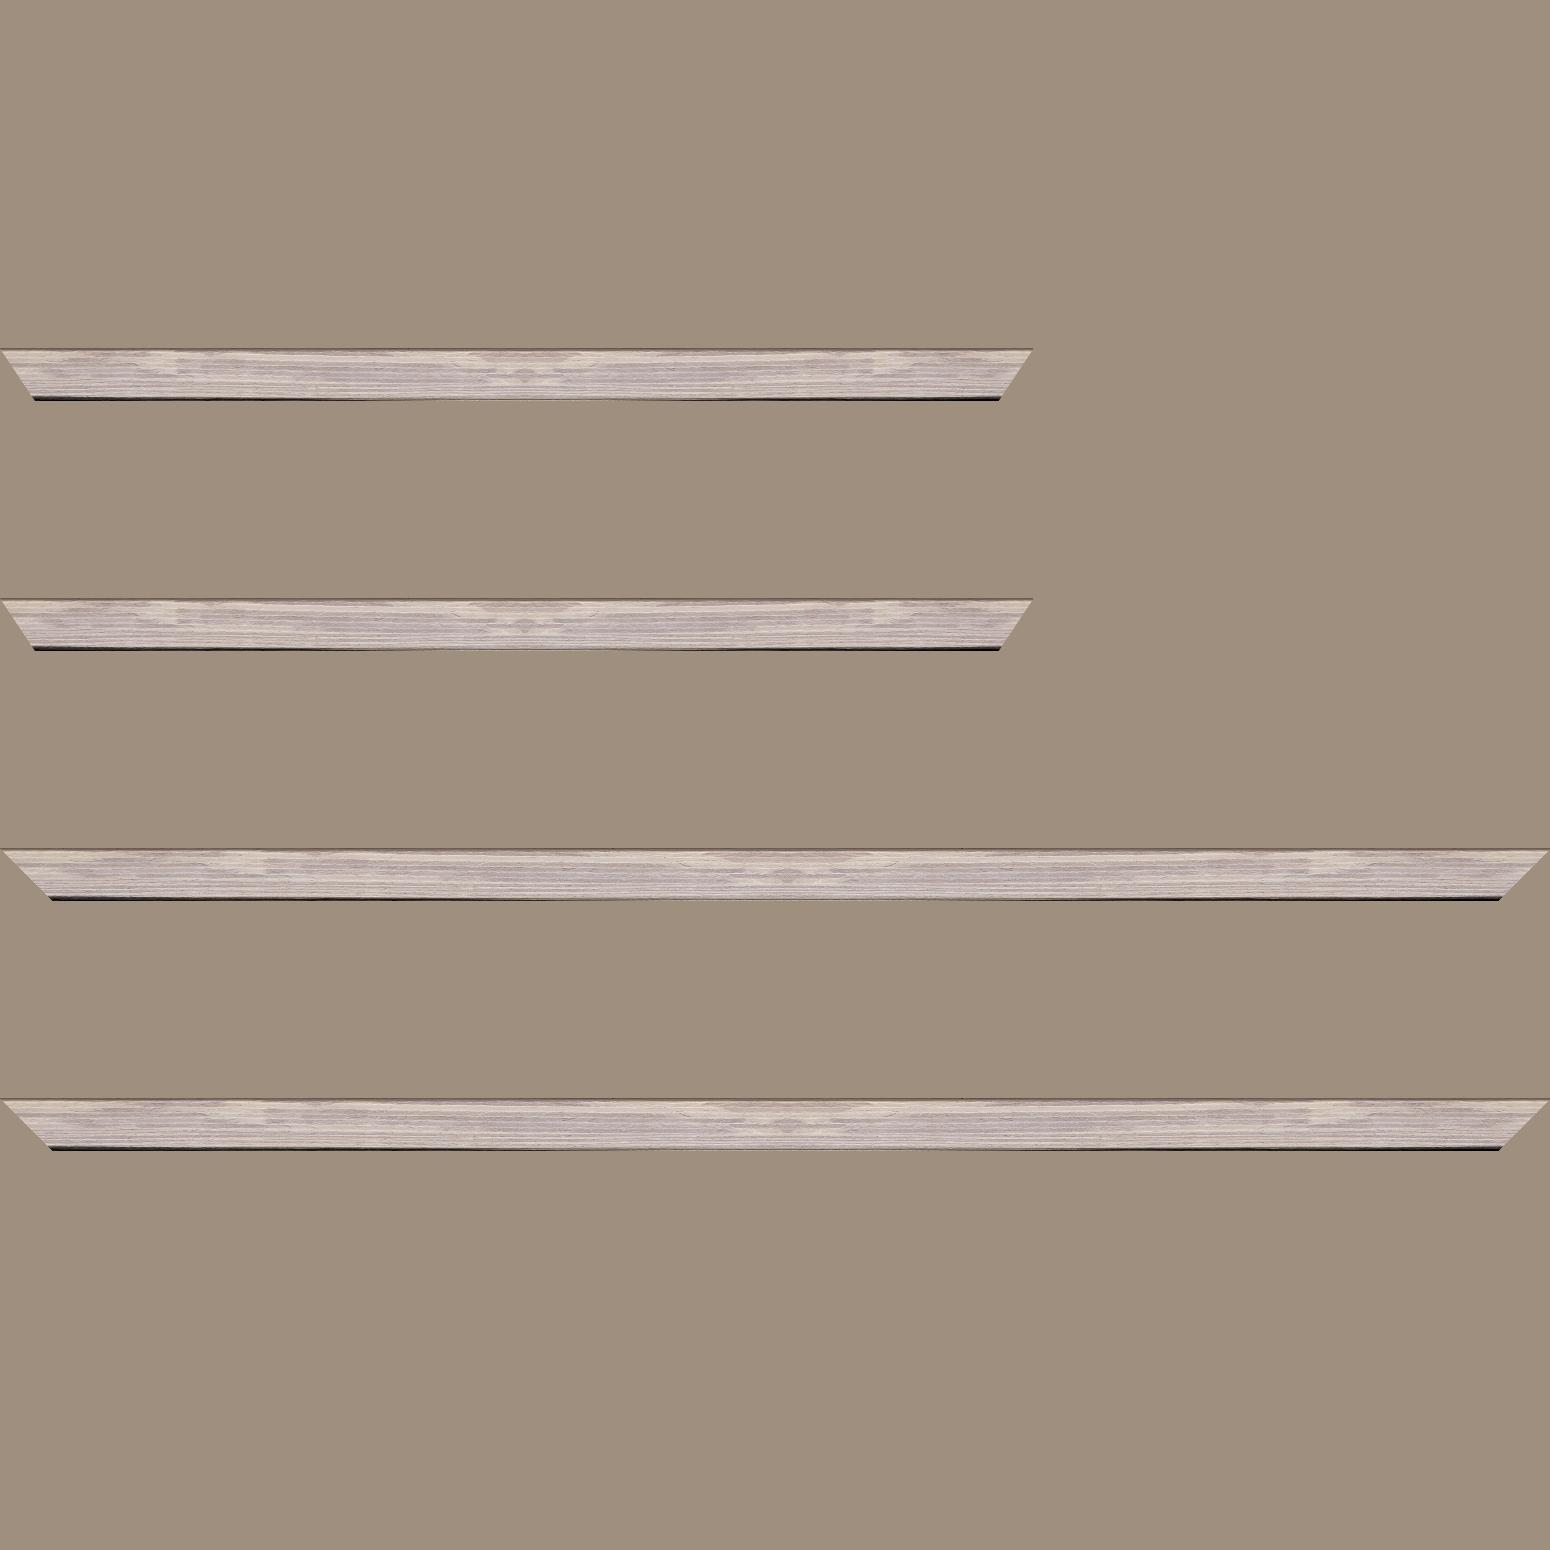 Baguette service précoupé Bois profil plat largeur 1.5cm  plaquage bois gris blanchi haut de gamme